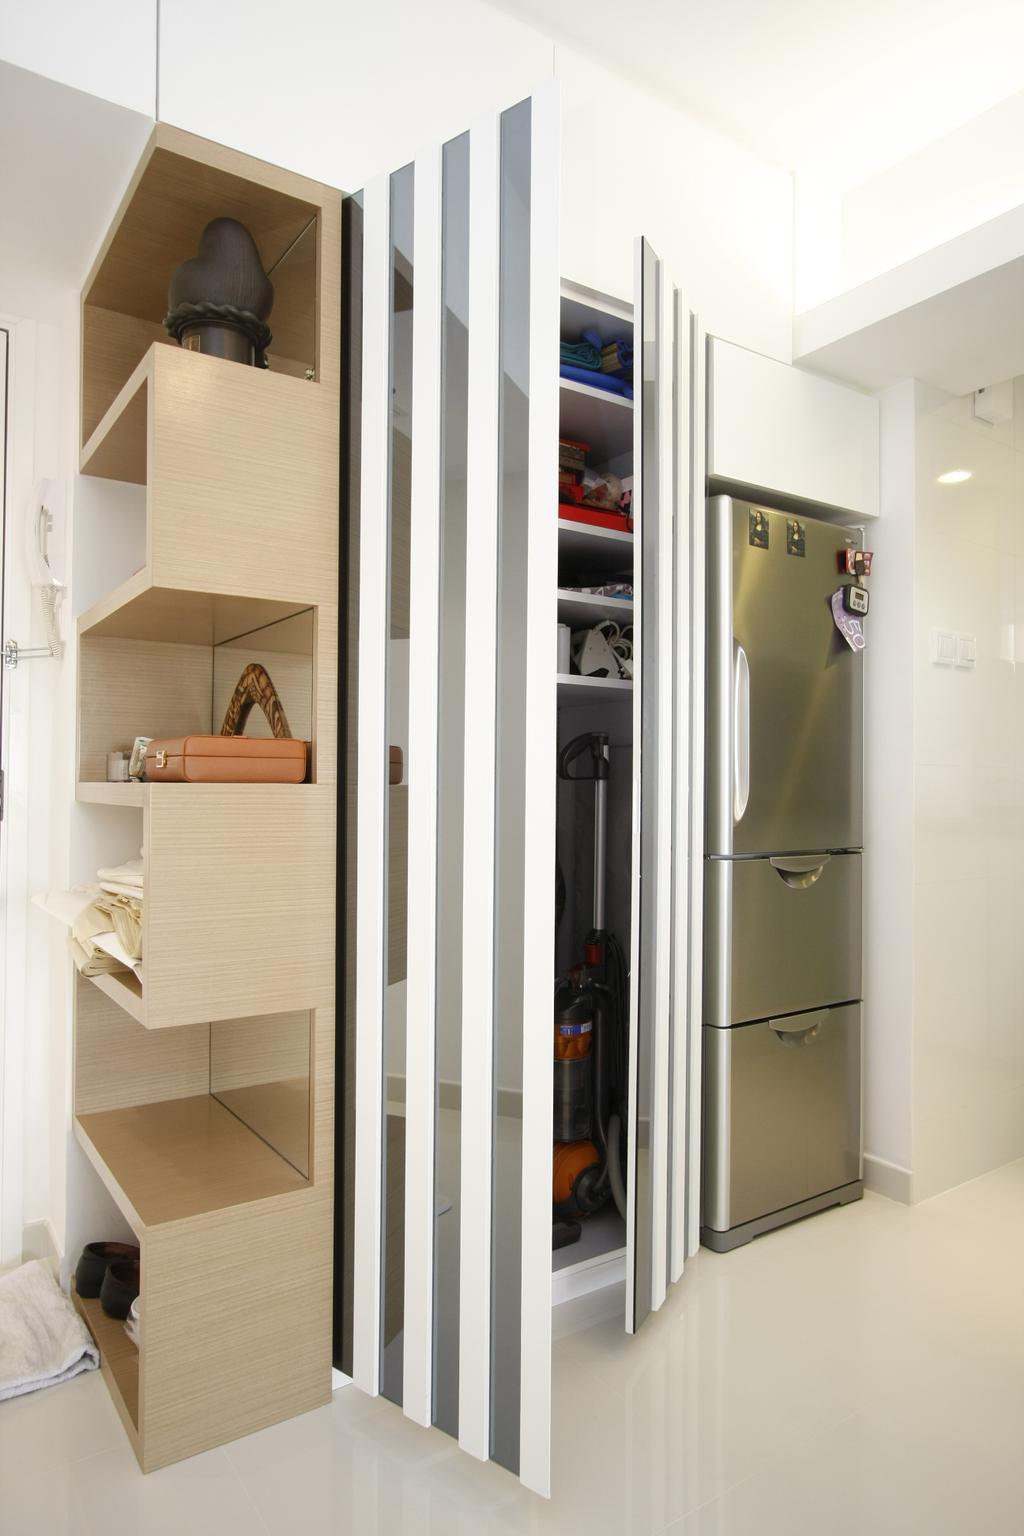 摩登, 私家樓, 黃金海岸, 室內設計師, 和生設計, Door, Folding Door, Molding